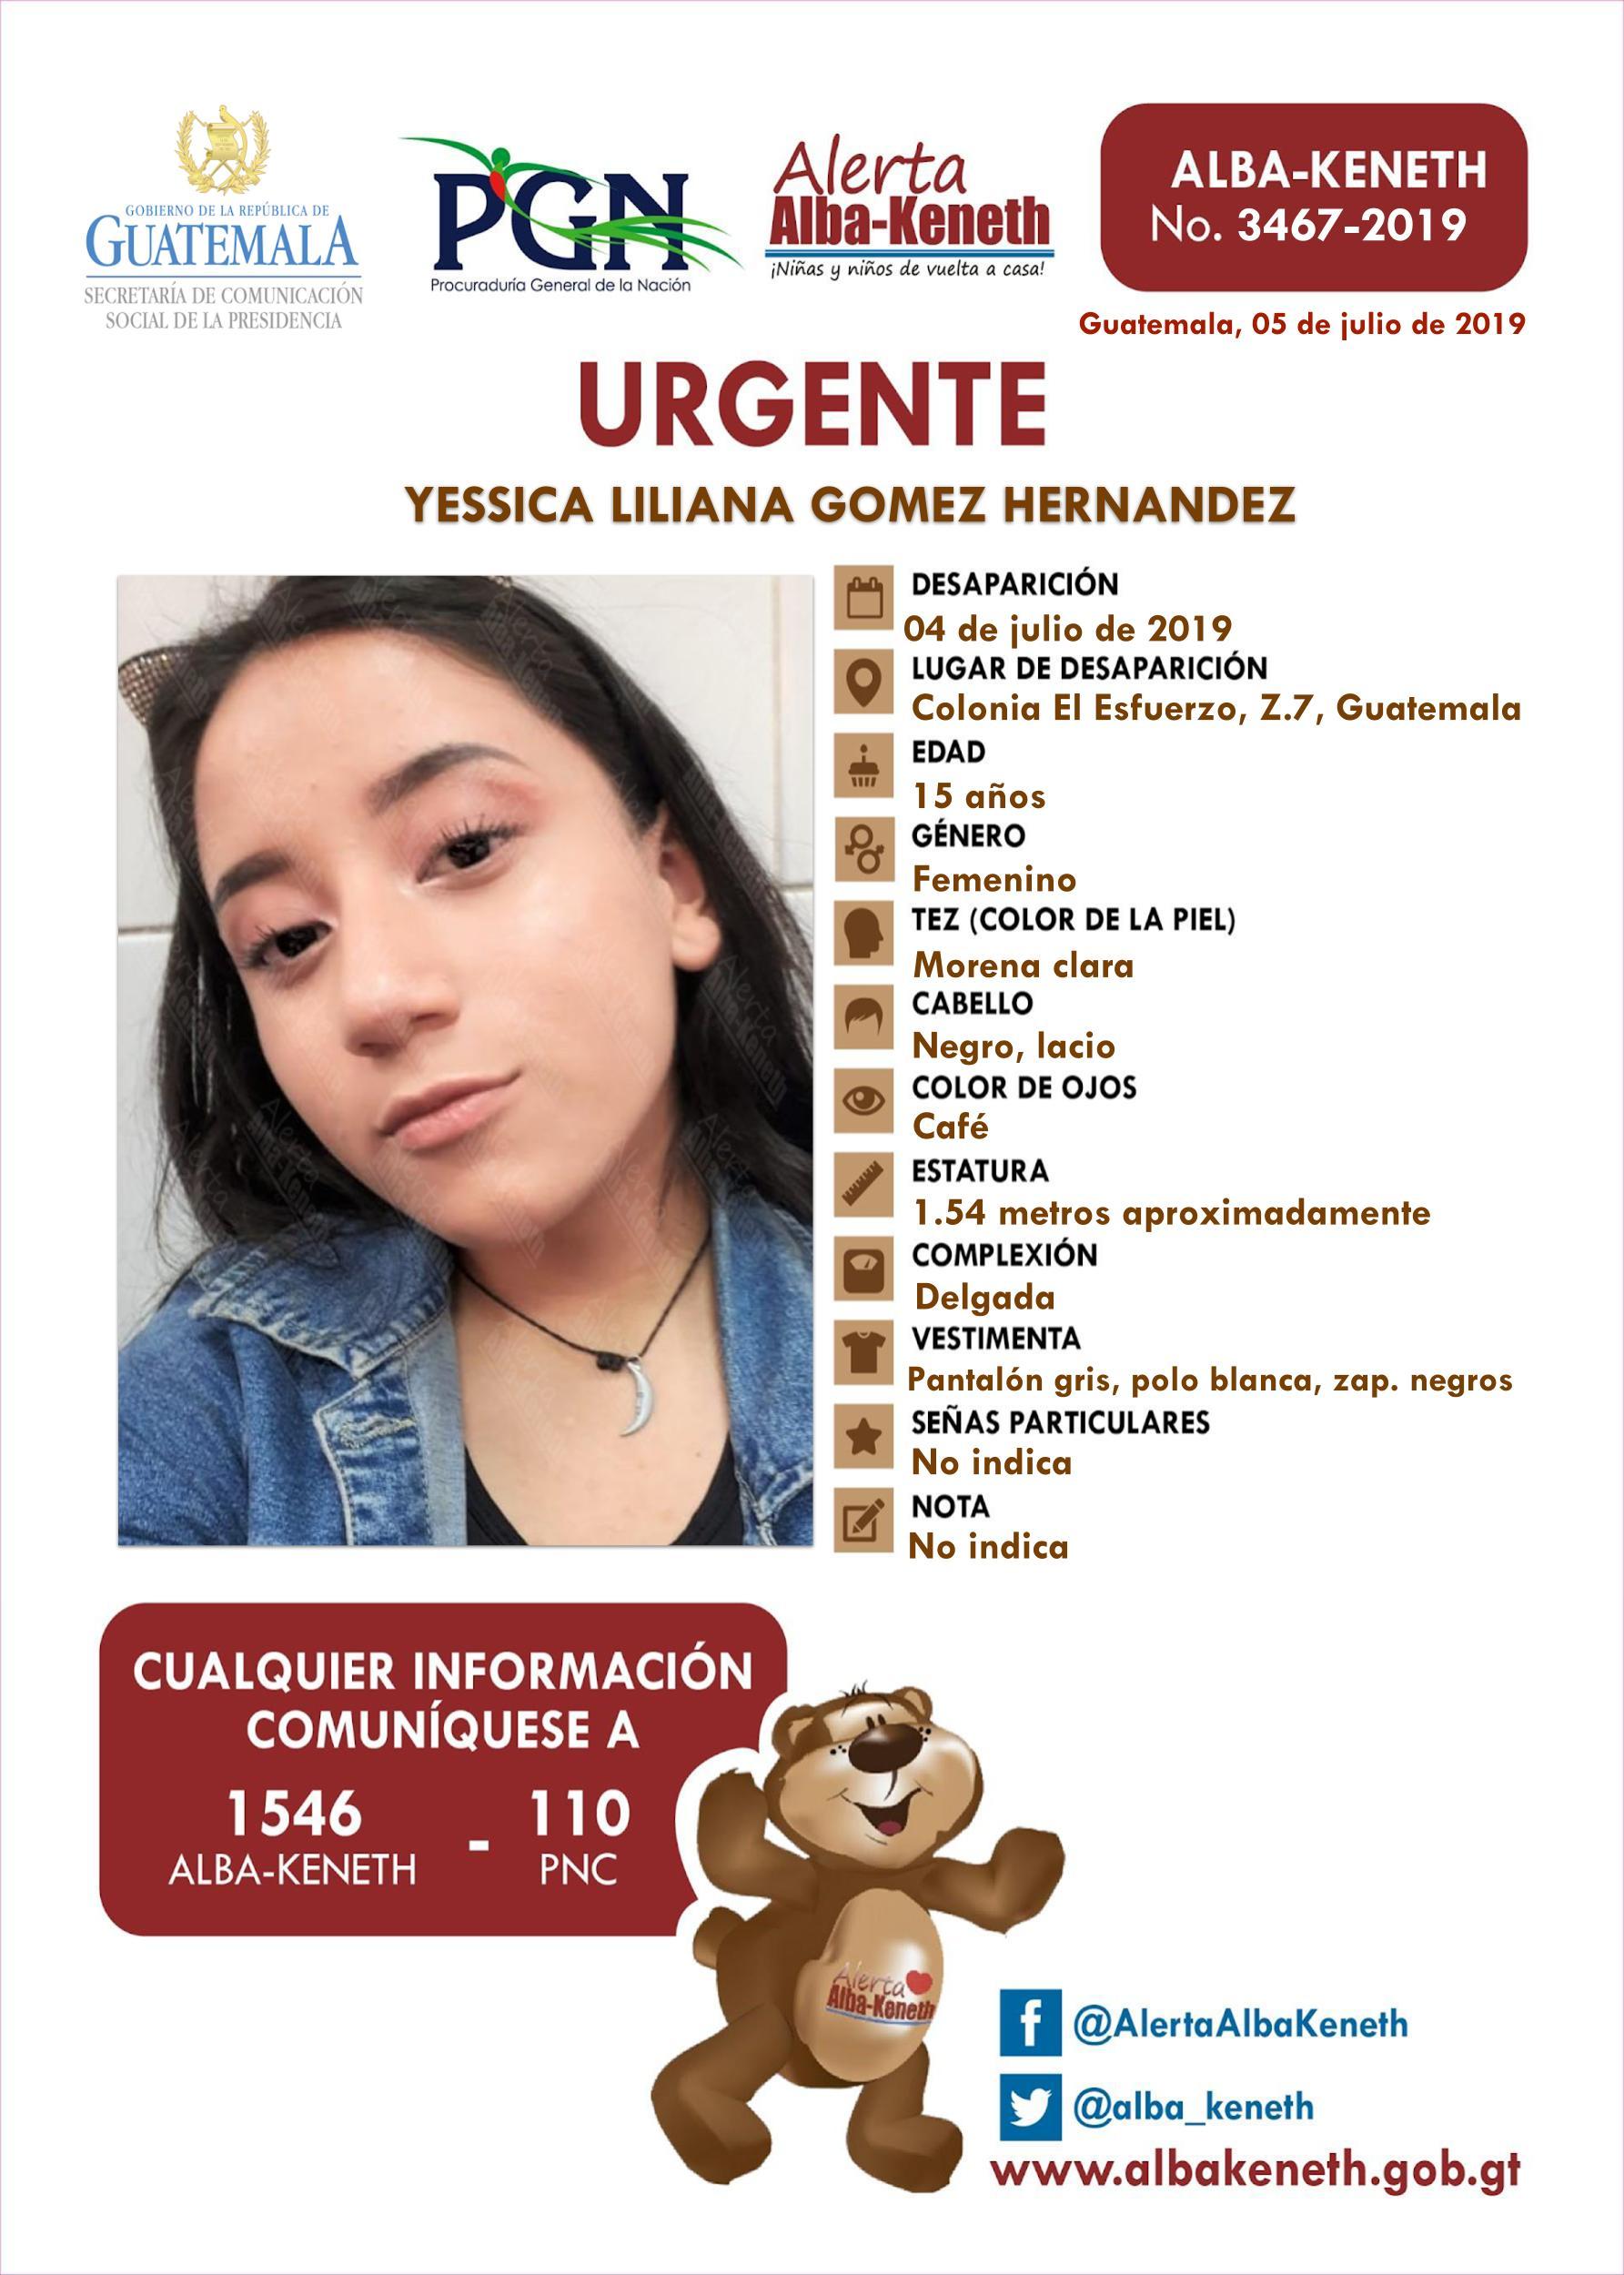 Yessica Liliana Gomez Hernandez